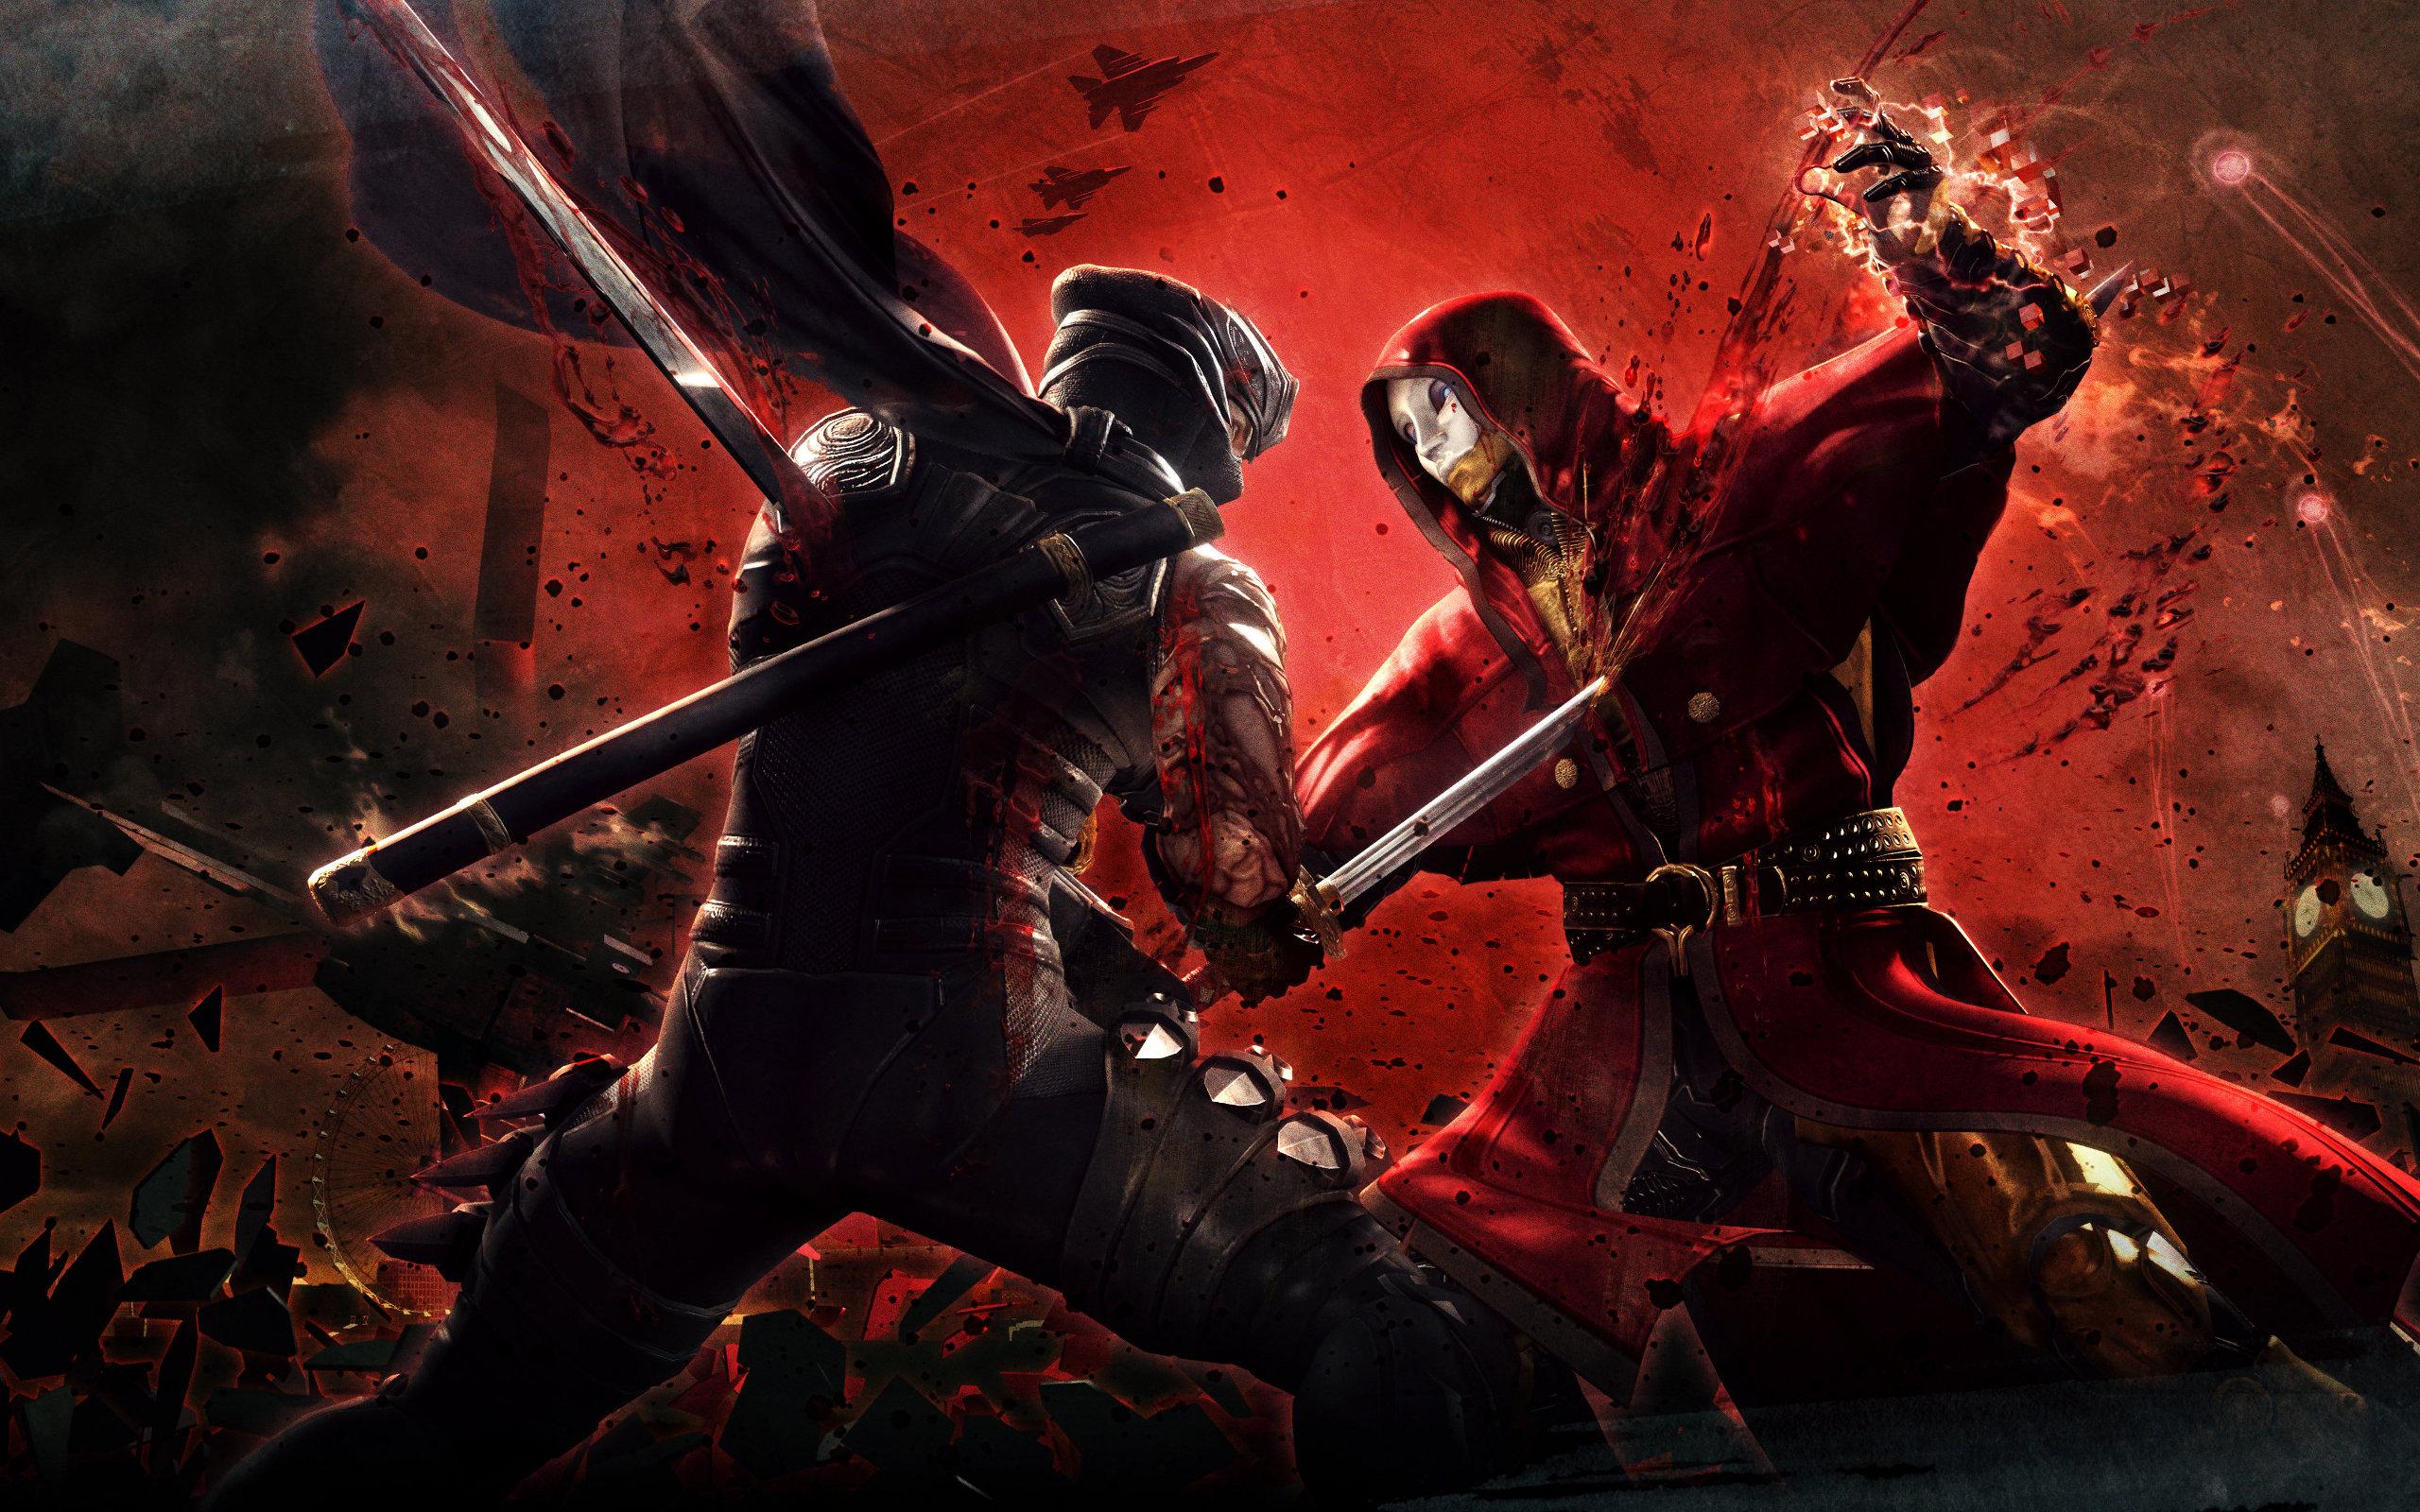 Ninja High Quality Wallpapers